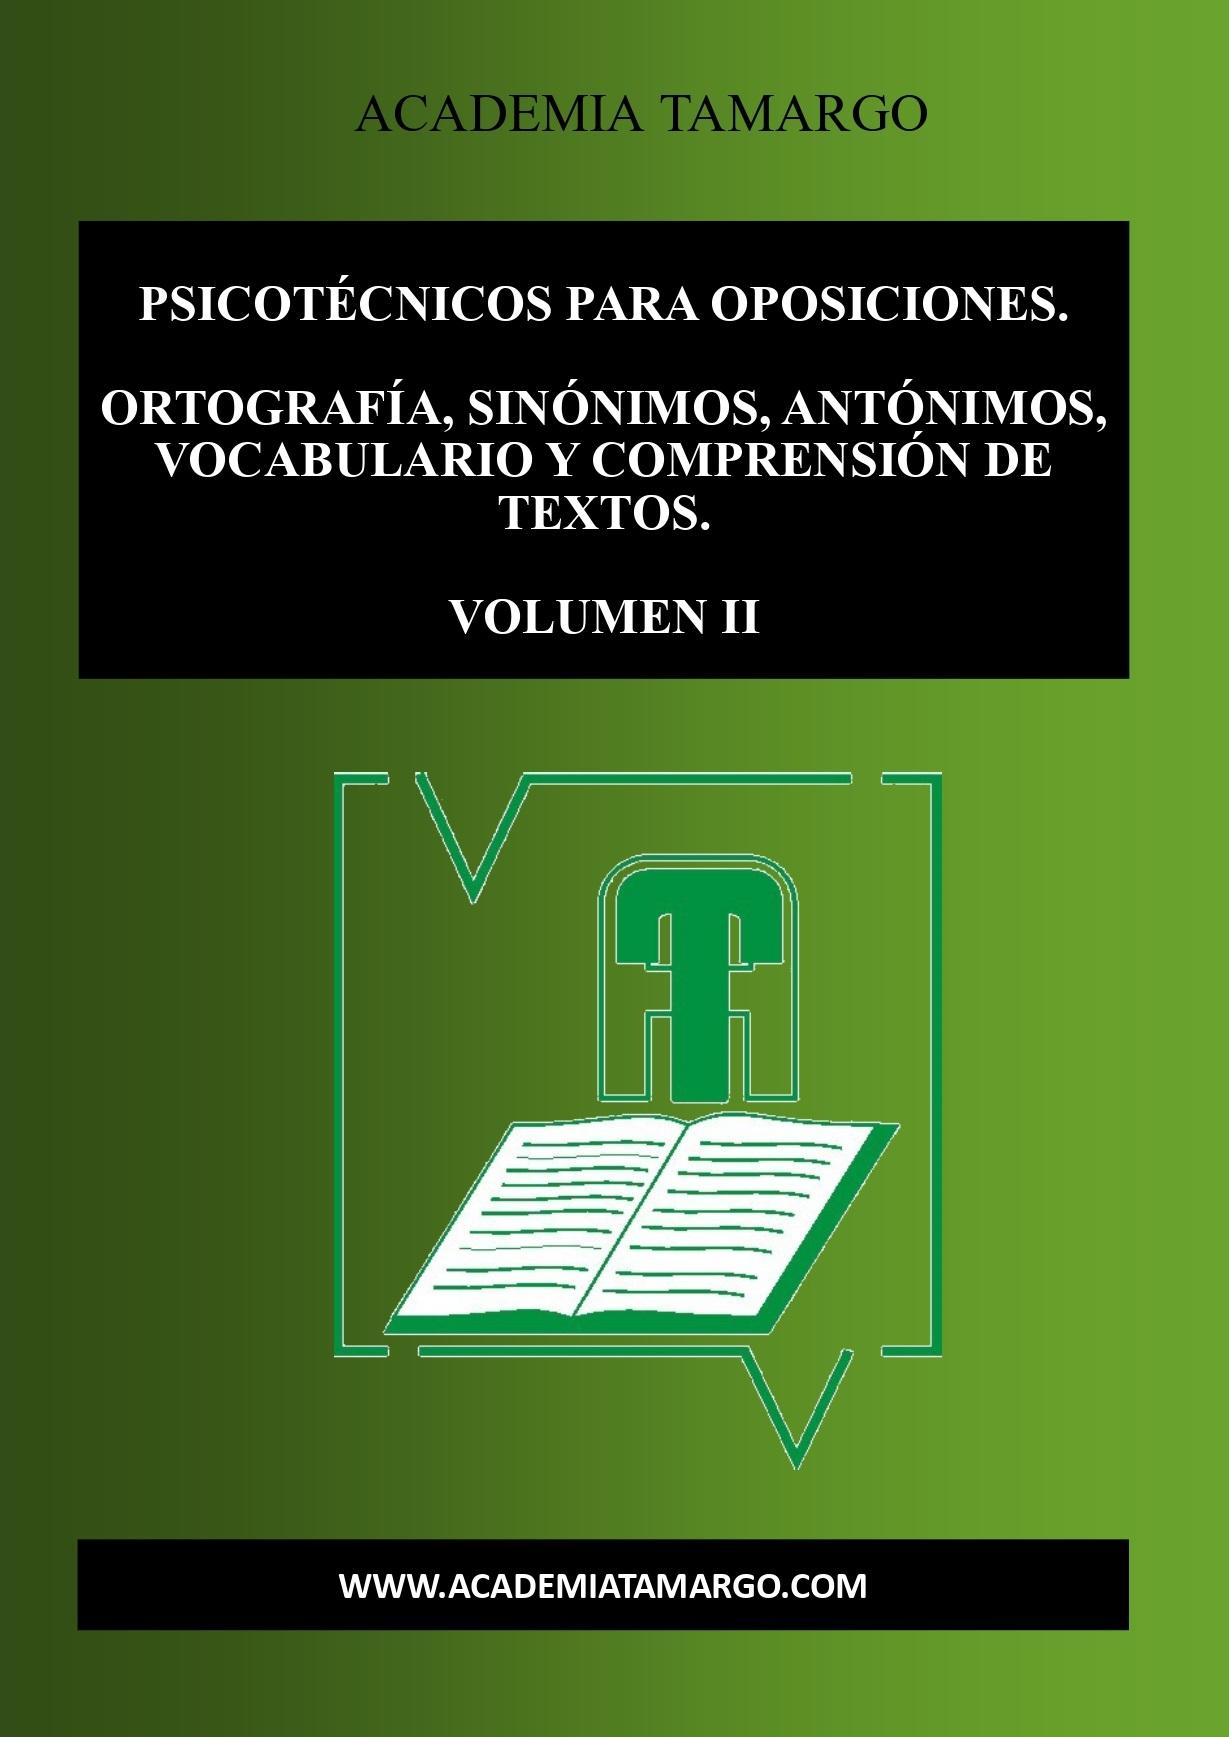 portada, contraportada y lomo de PSICOTÉCNICOS VOLUMN II_page-0001